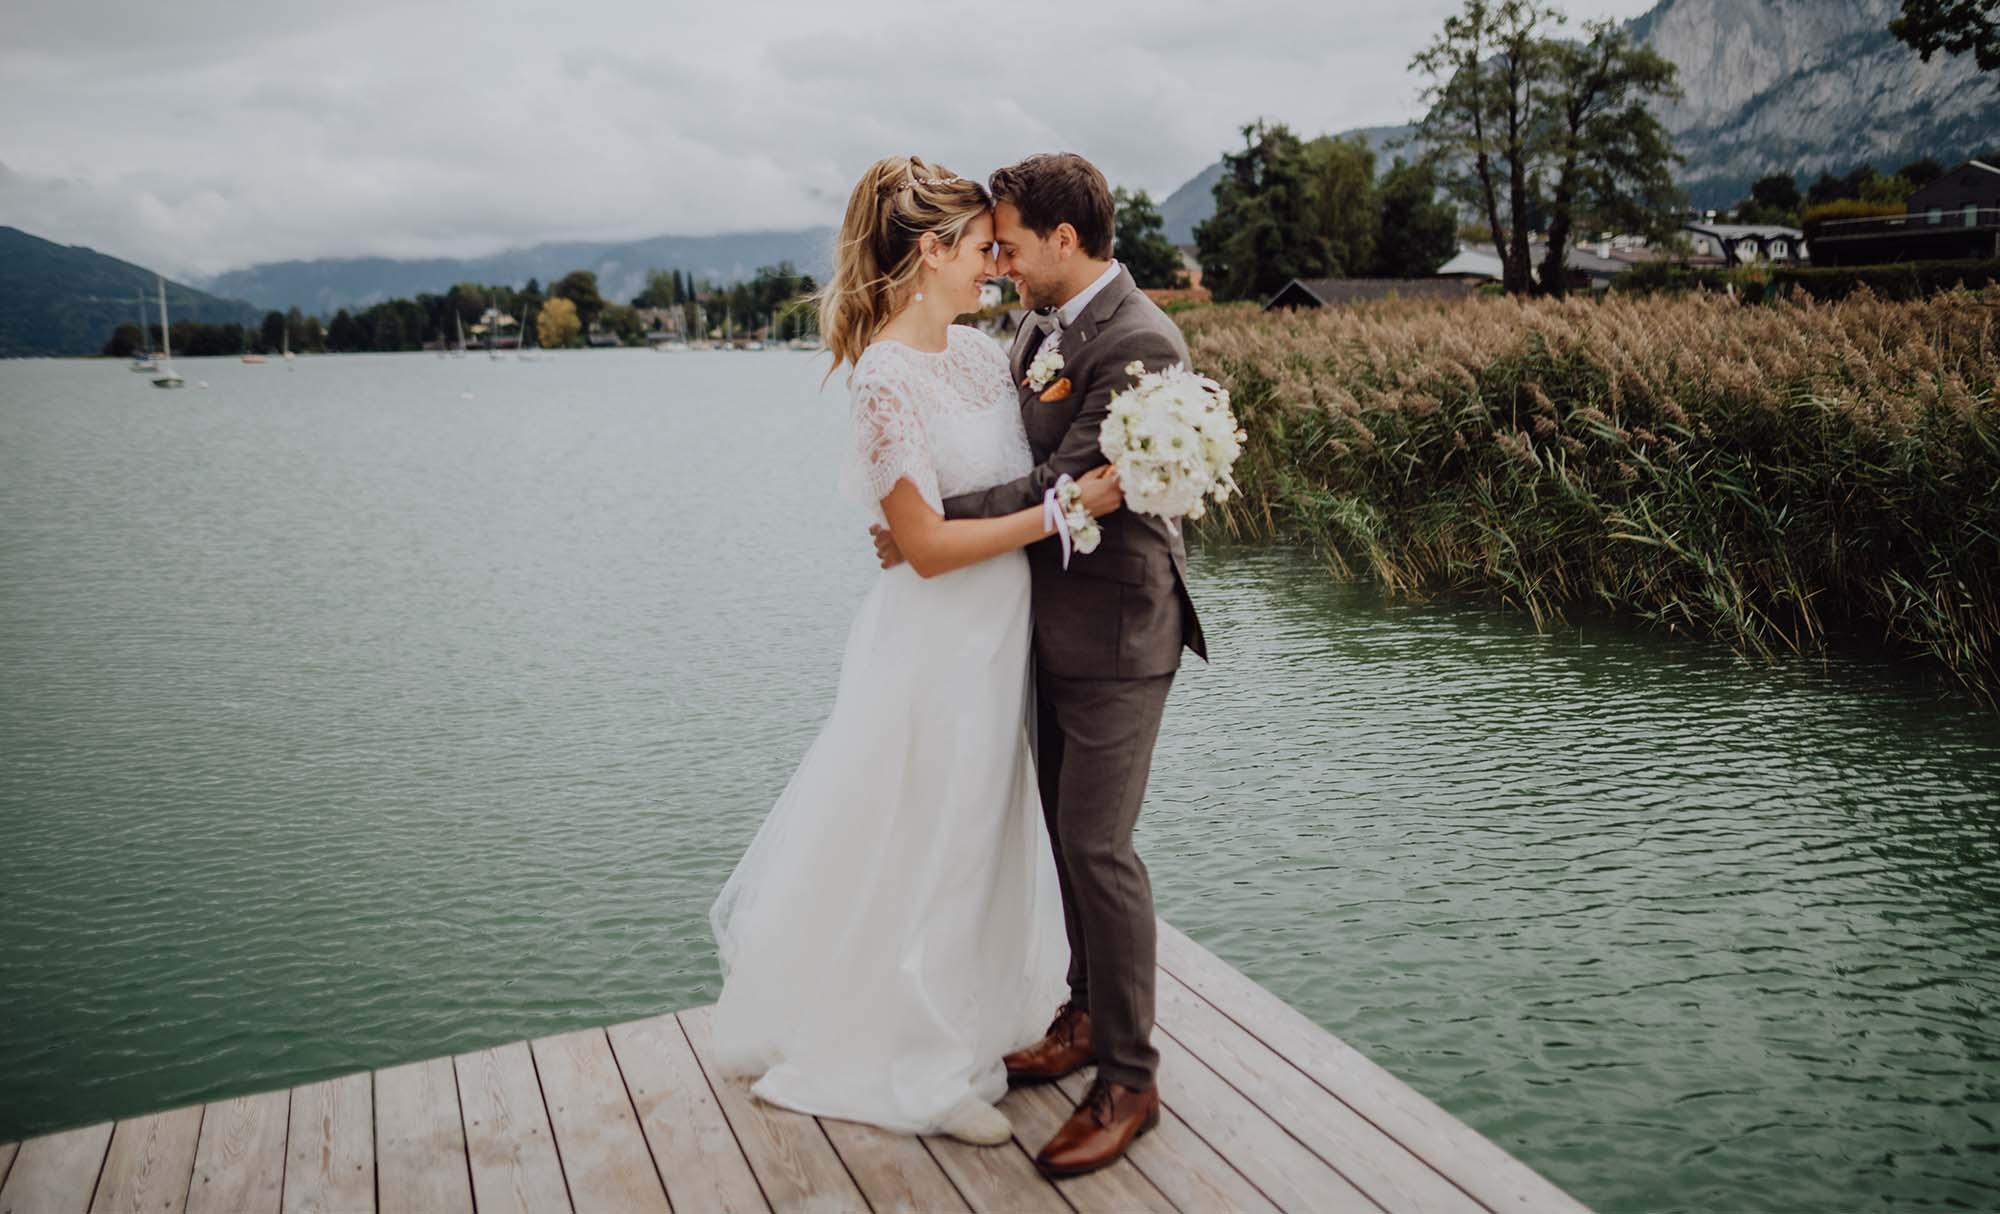 Hochzeit Oberösterreich | Hochzeitslocation, Hochzeitsfotograf & Co